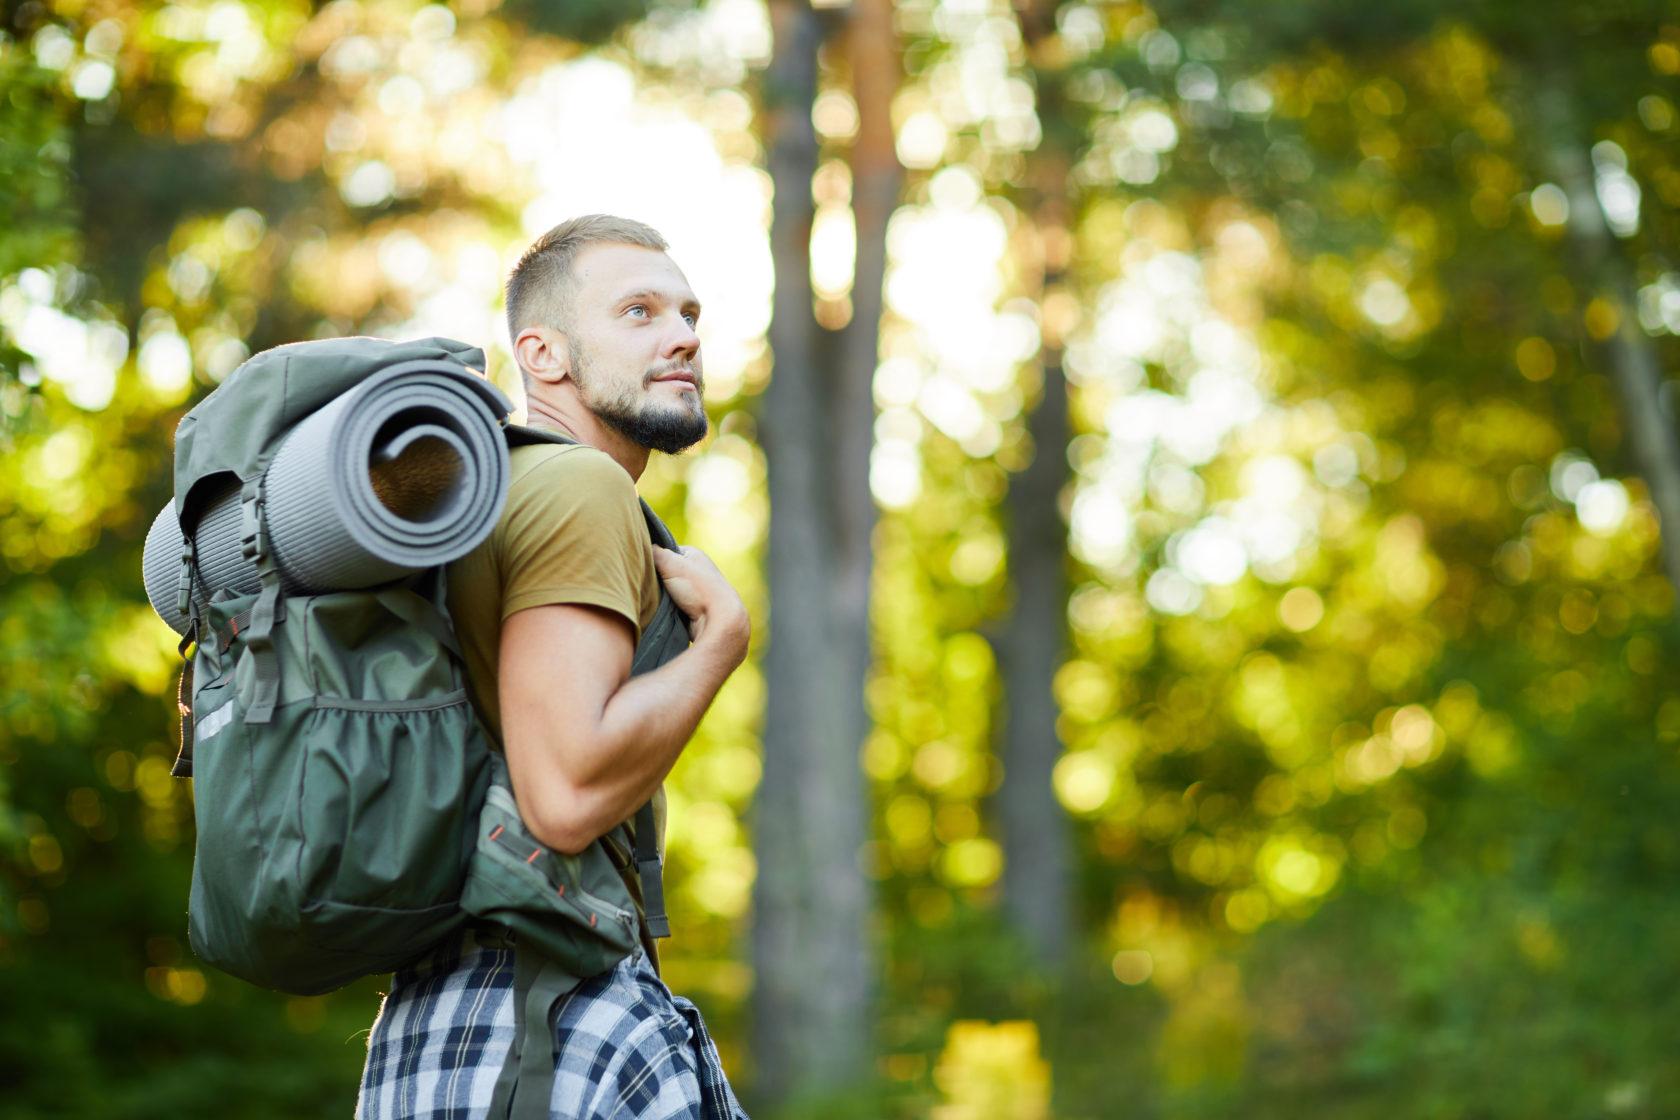 Trekking, Wochenende, Wandern, Schwarzwald, Meditation, Meditieren, M